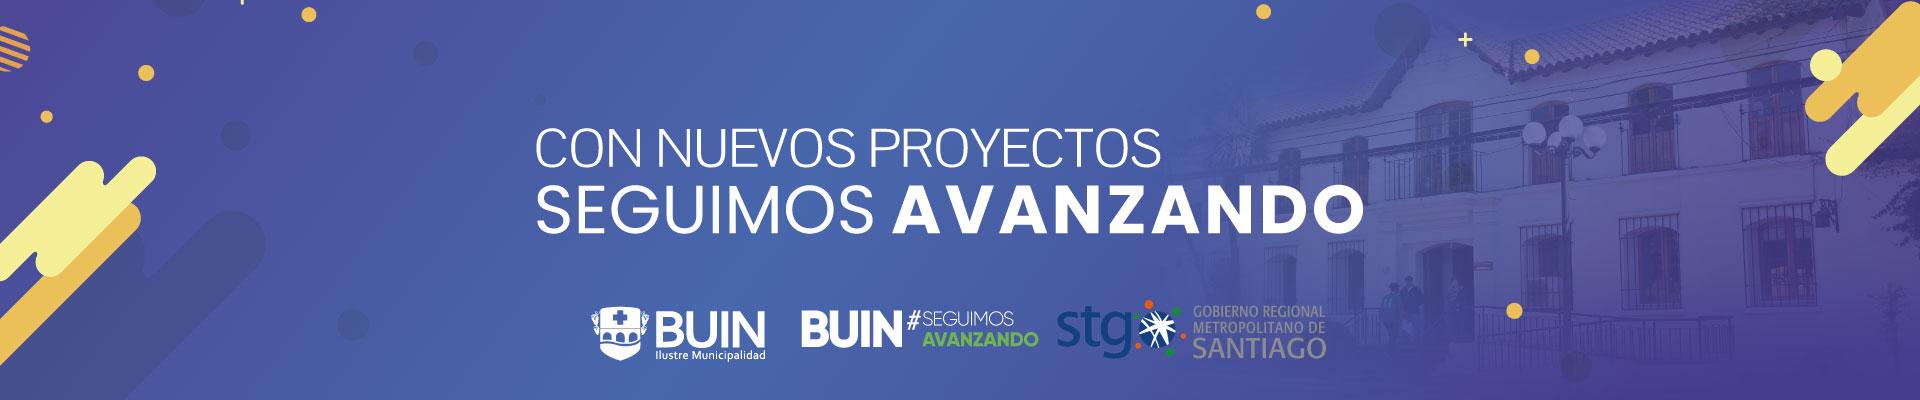 Proyectos-para-buin